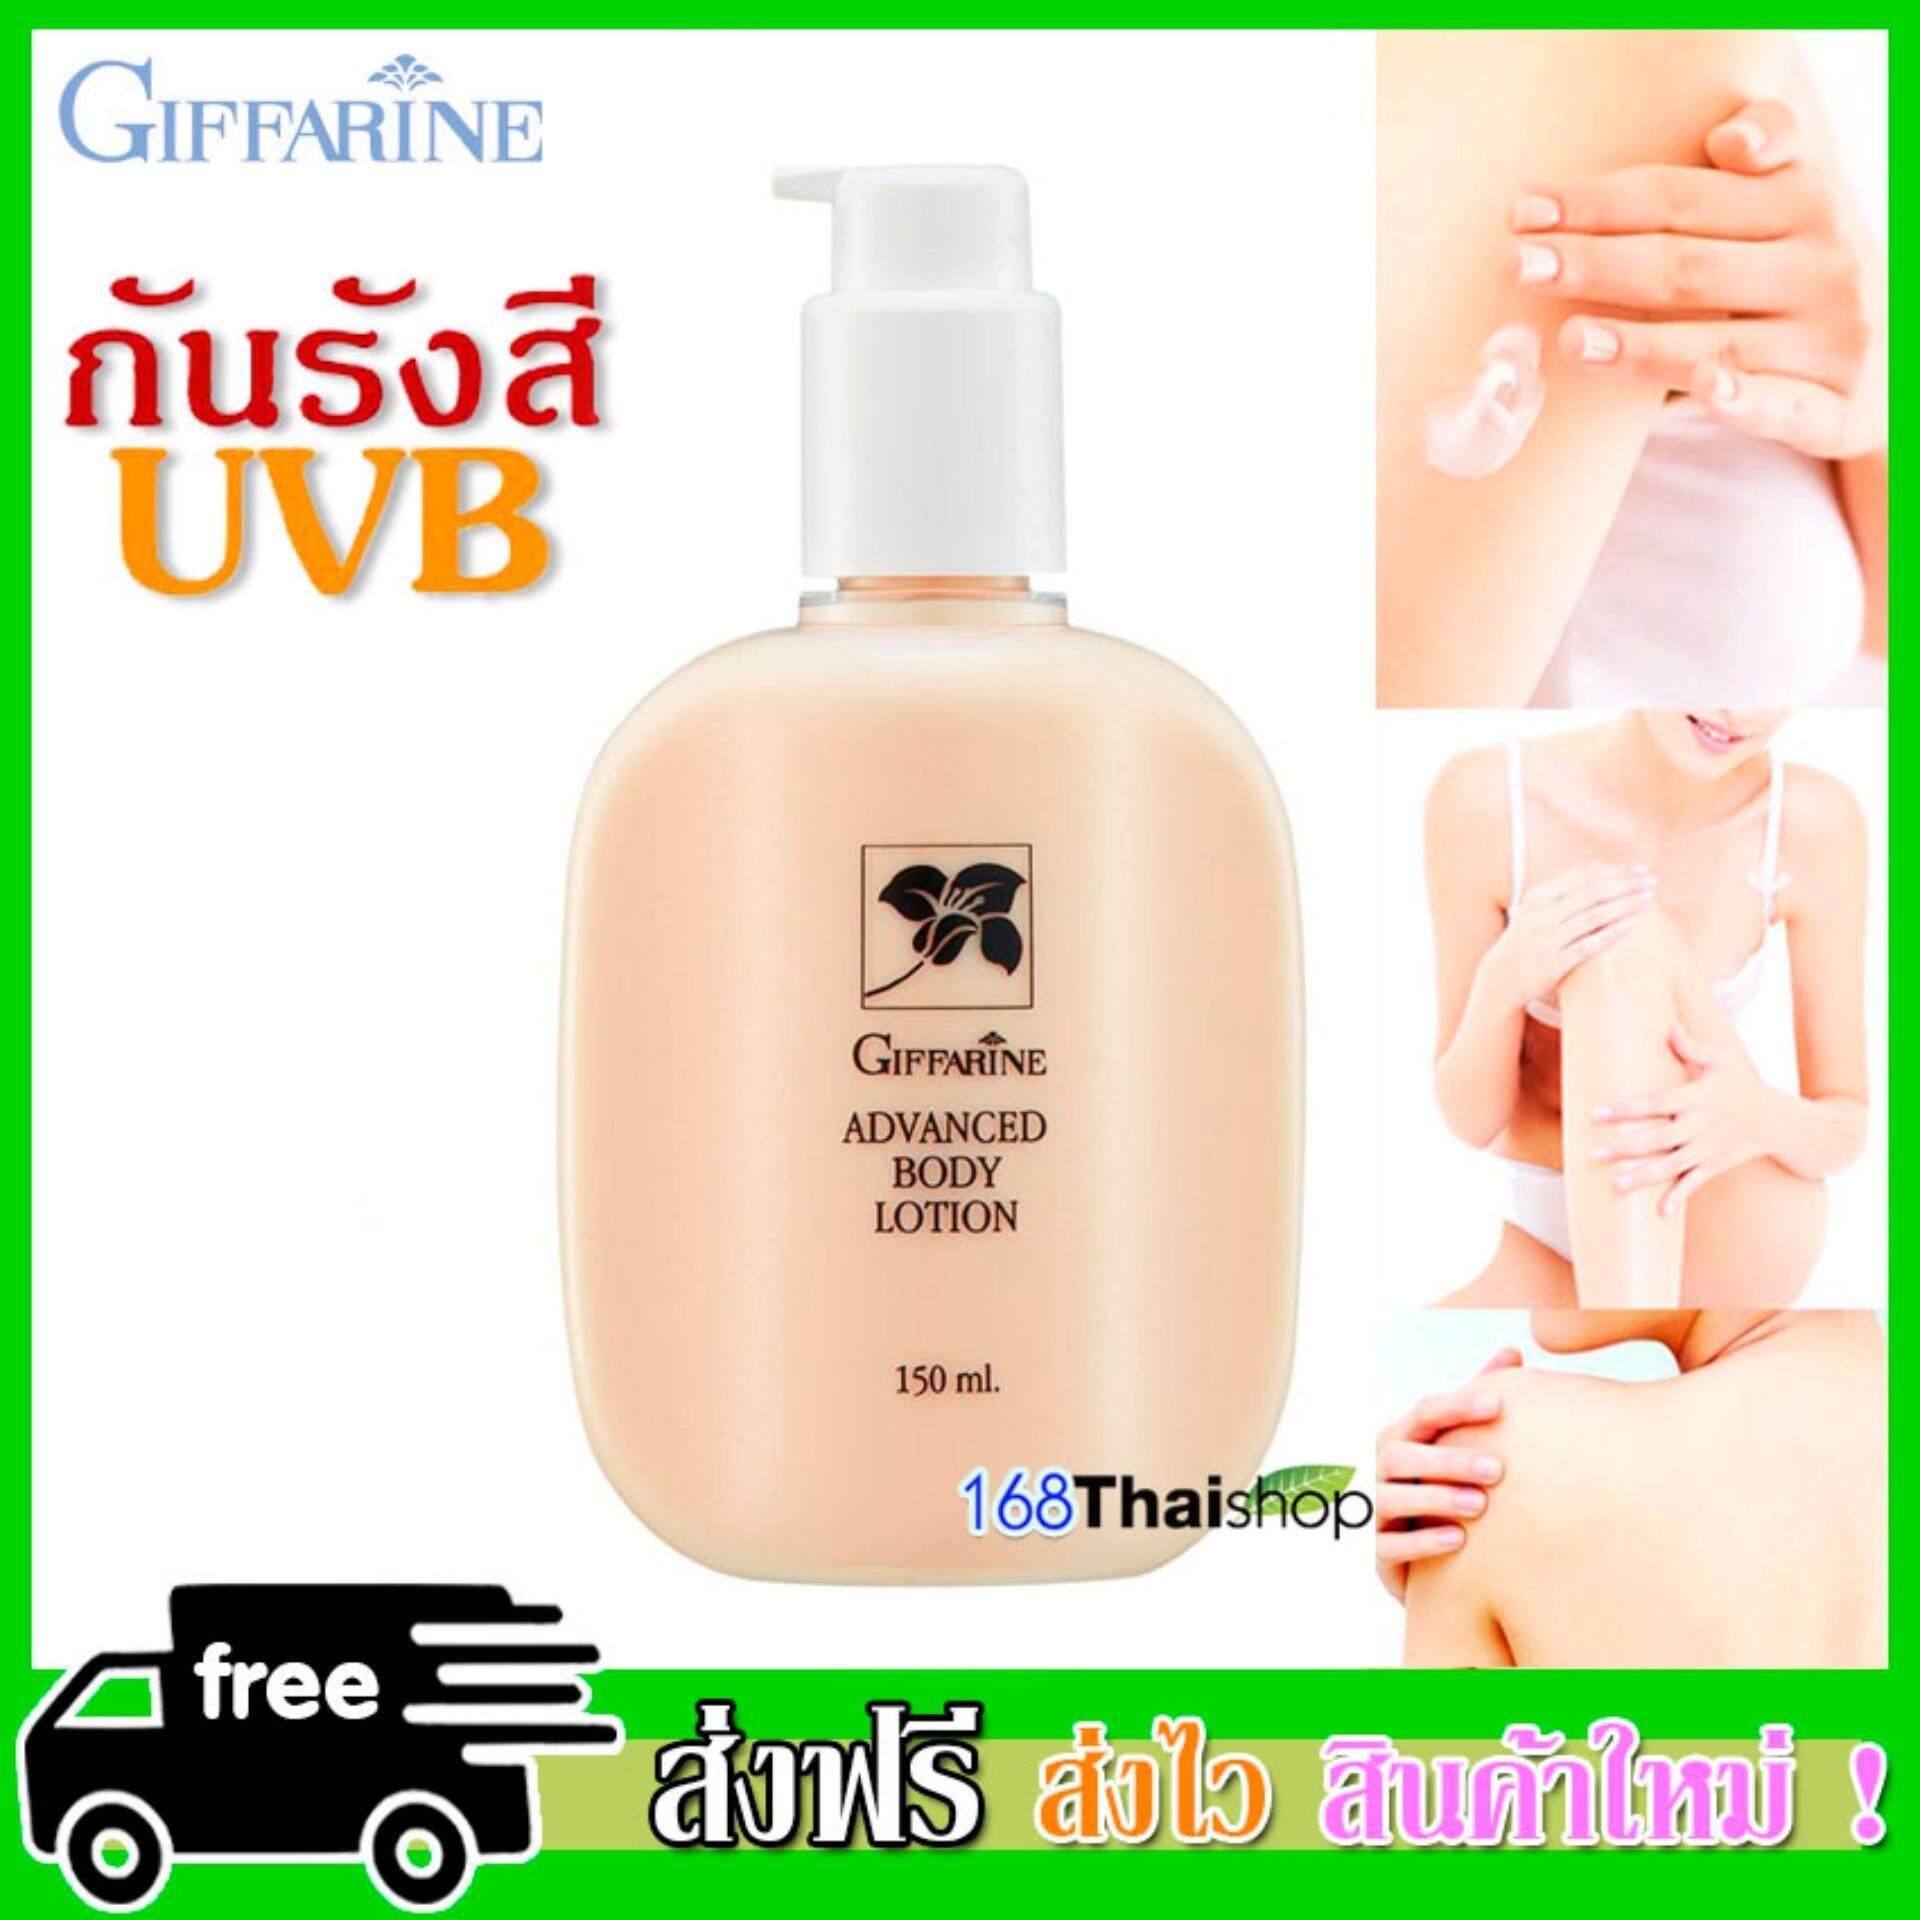 Giffarine Advanced Body Lotion กิฟฟารีนแอดวานซ์บอดี้โลชั่น โลชั่นผสมสารกันแดด โลชั่นถนอมผิว ปริมาณ 150 ml.